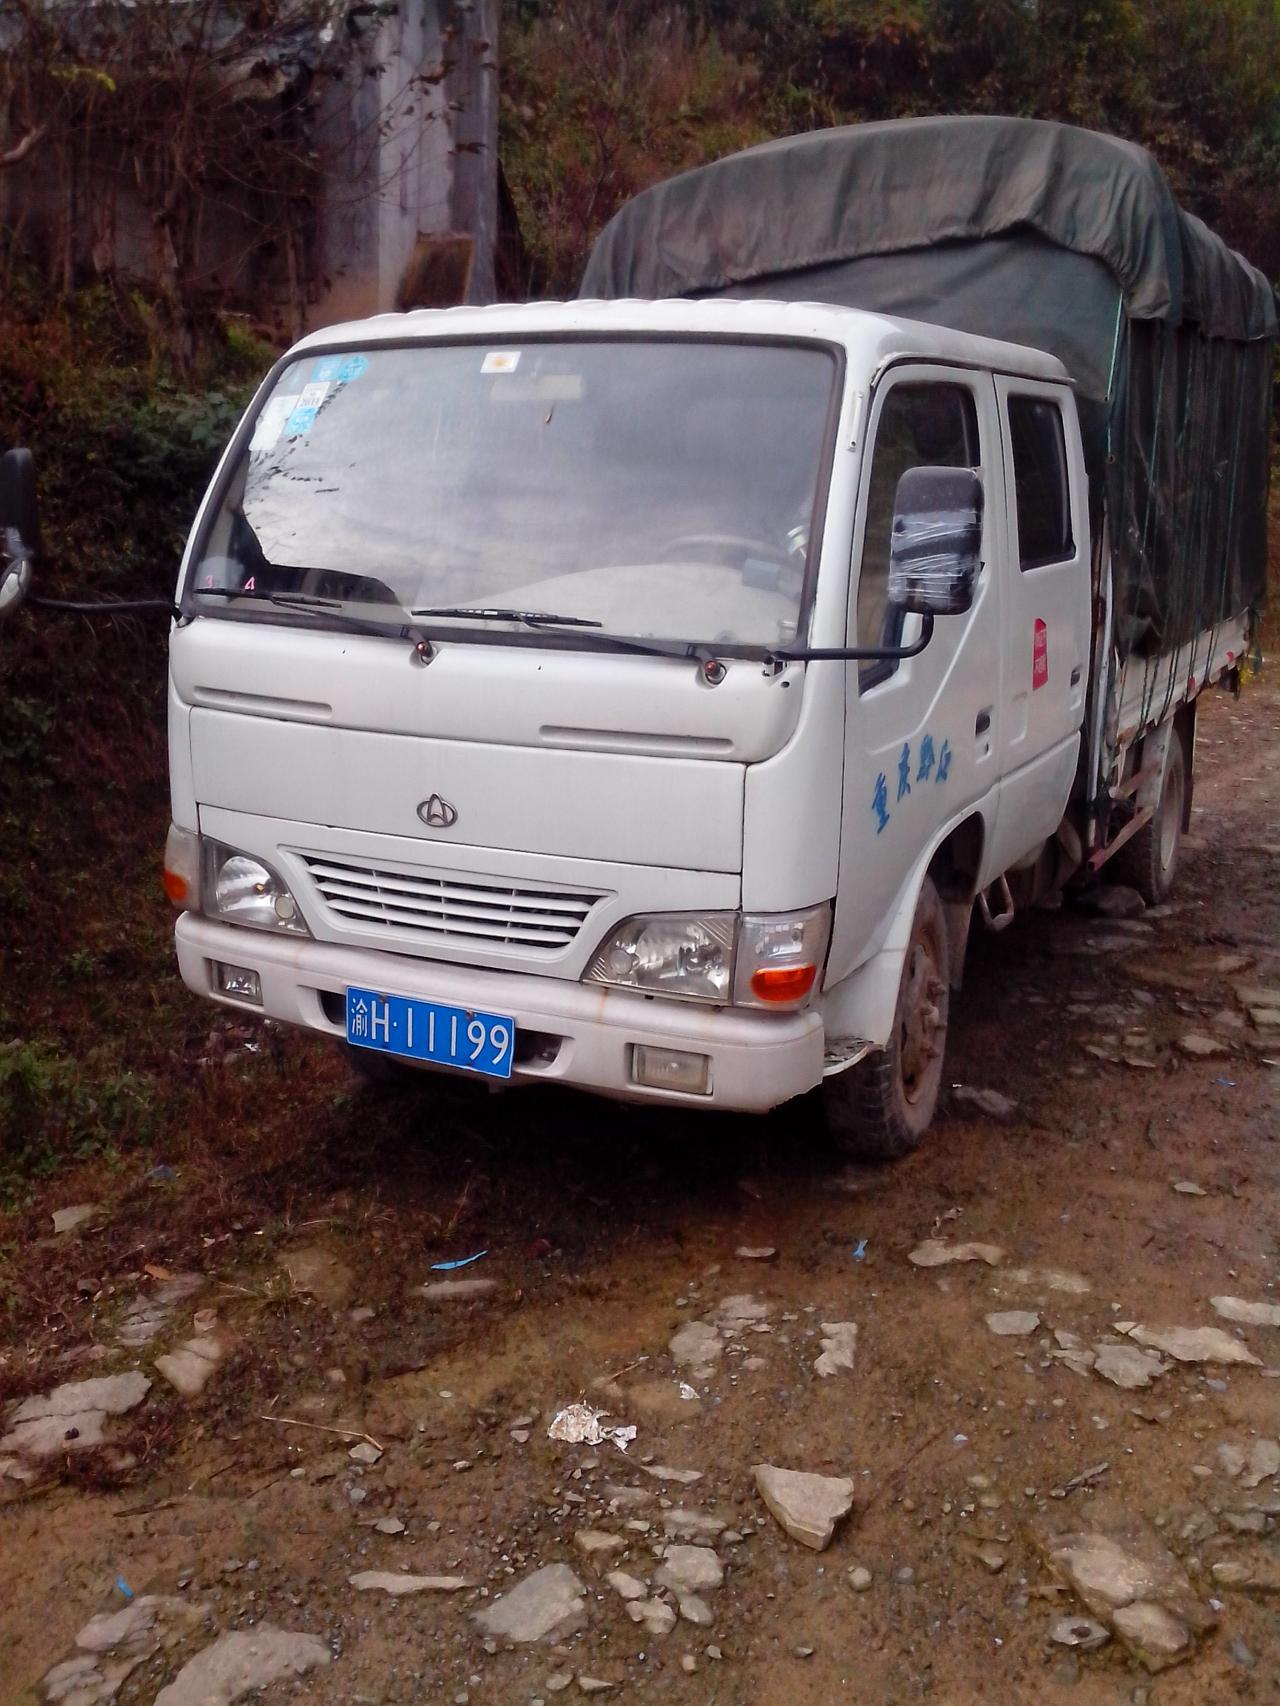 双排座货车一台(渝H11199)